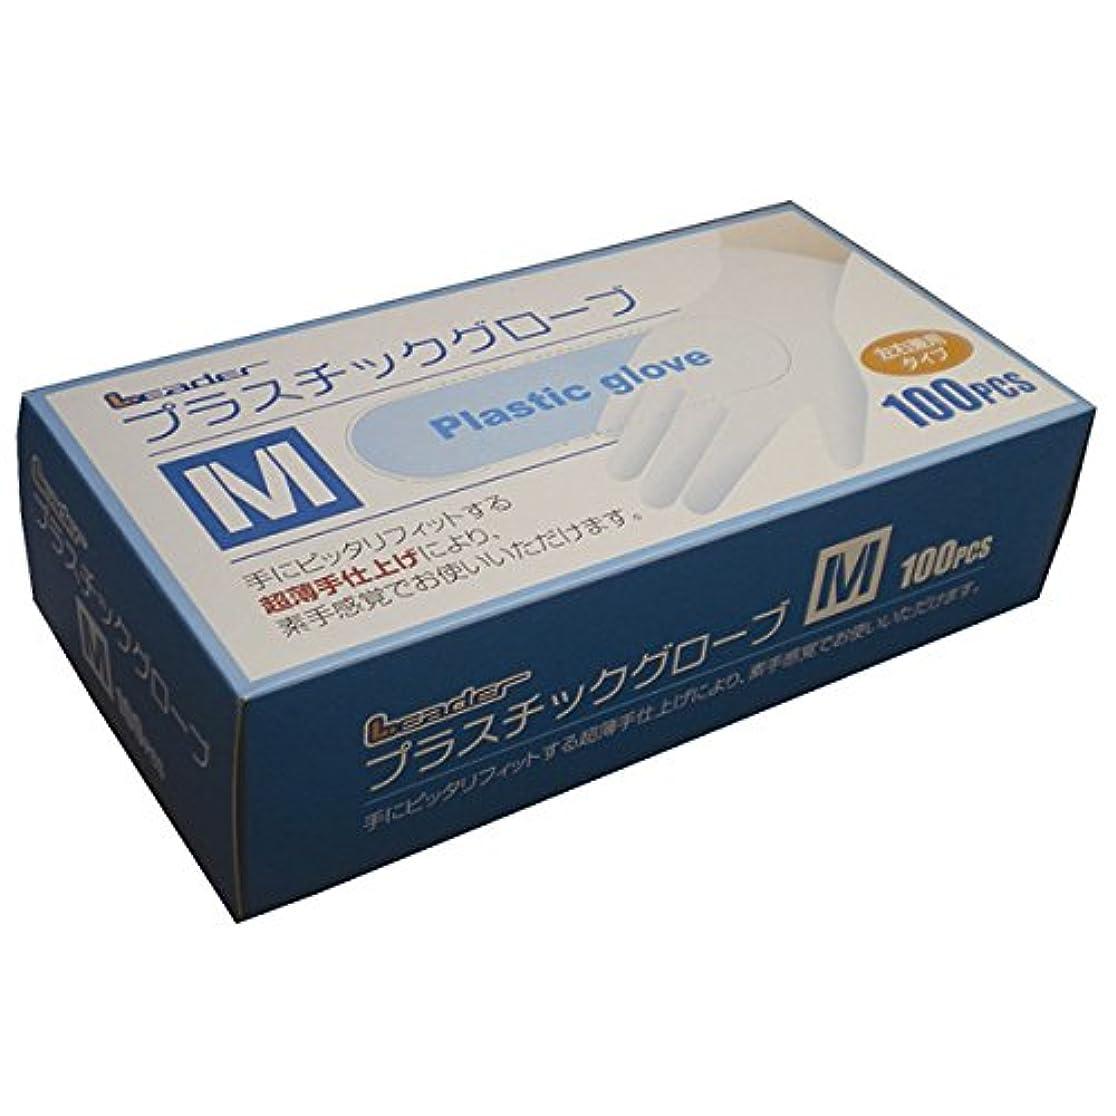 かわいらしいこれらアブセイ日進医療器株式会社:LEプラスチックグローブMサイズ100P 10個入 784492